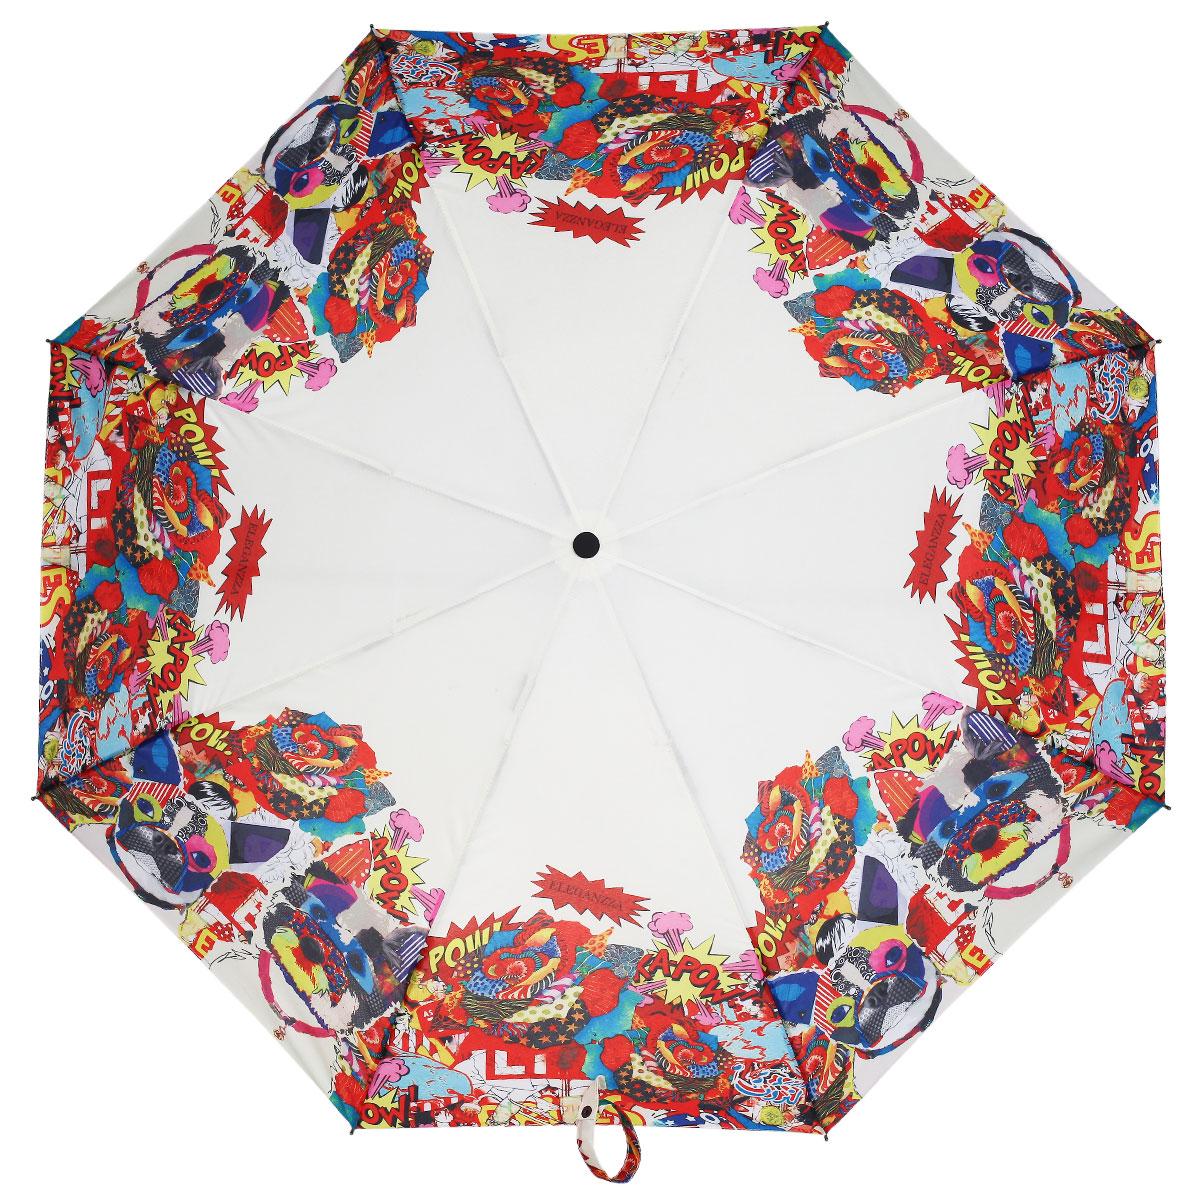 Зонт женский Eleganzza, автомат, 3 сложения, цвет: белый, красный. A3-05-0272 зонт женский derby polka 3 сложения полный автомат бордовый